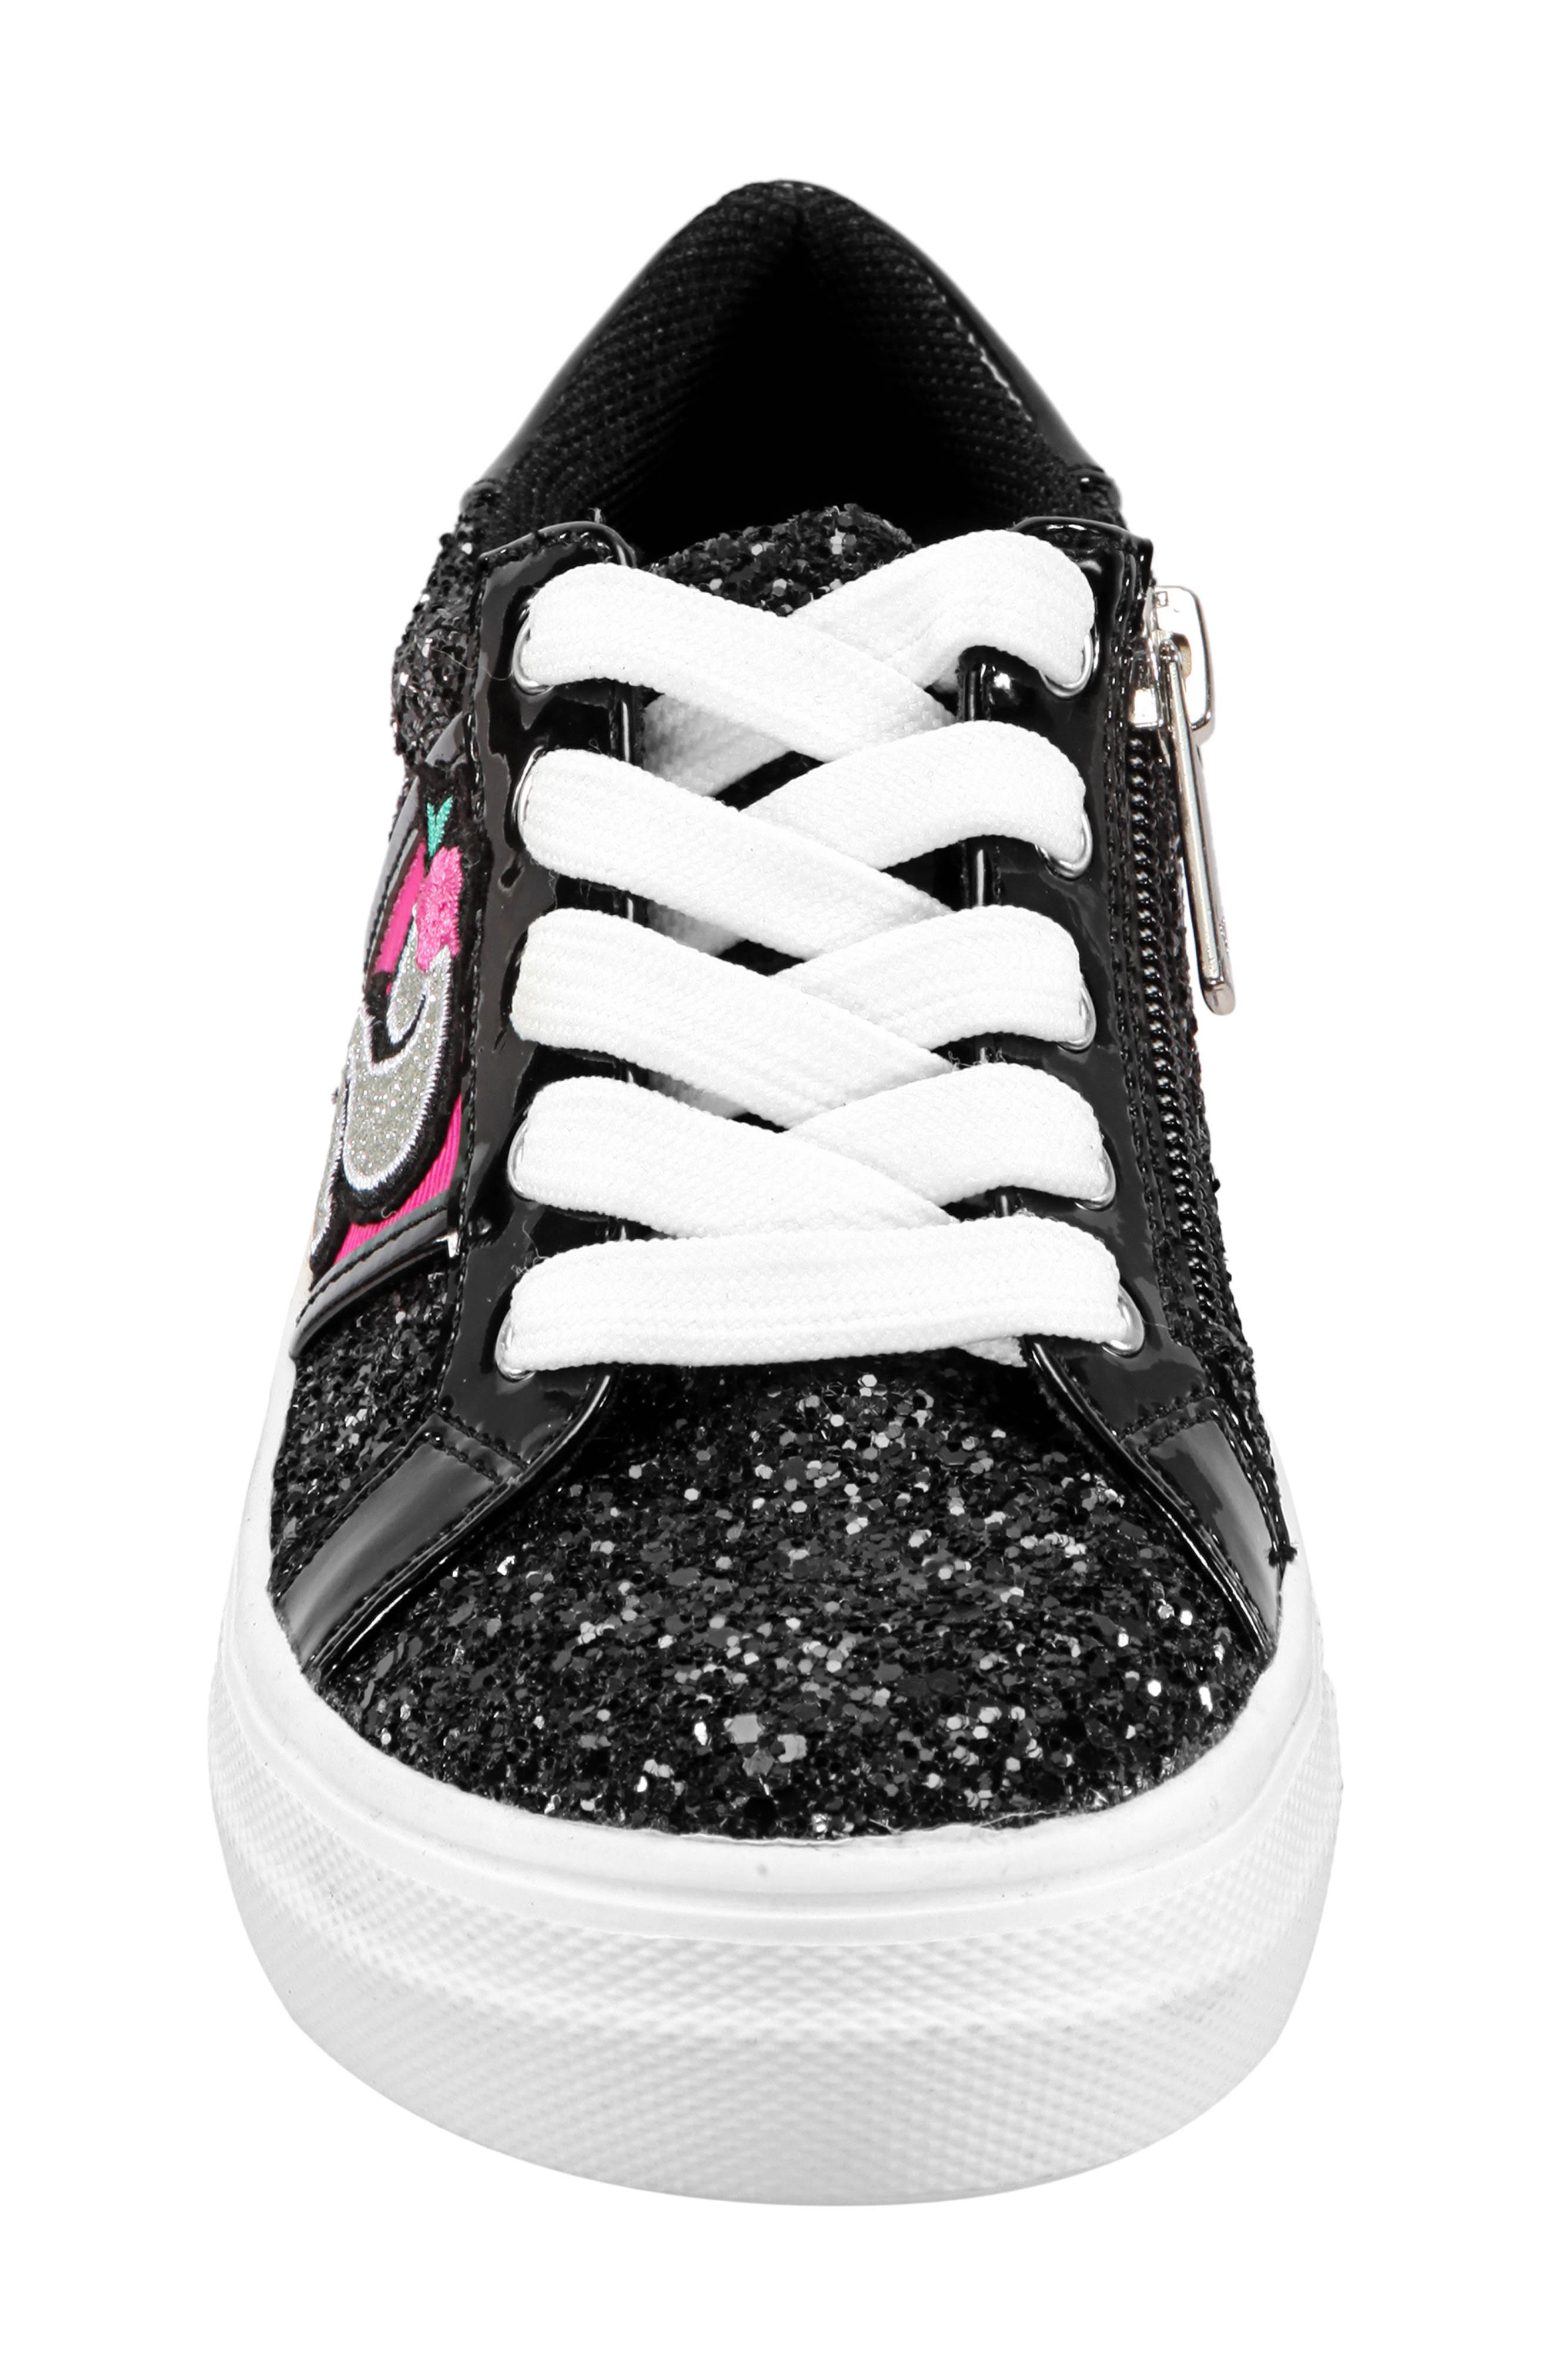 Hazeline-N Glitter Sneaker,                             Alternate thumbnail 4, color,                             BLACK CHUNKY GLITTER